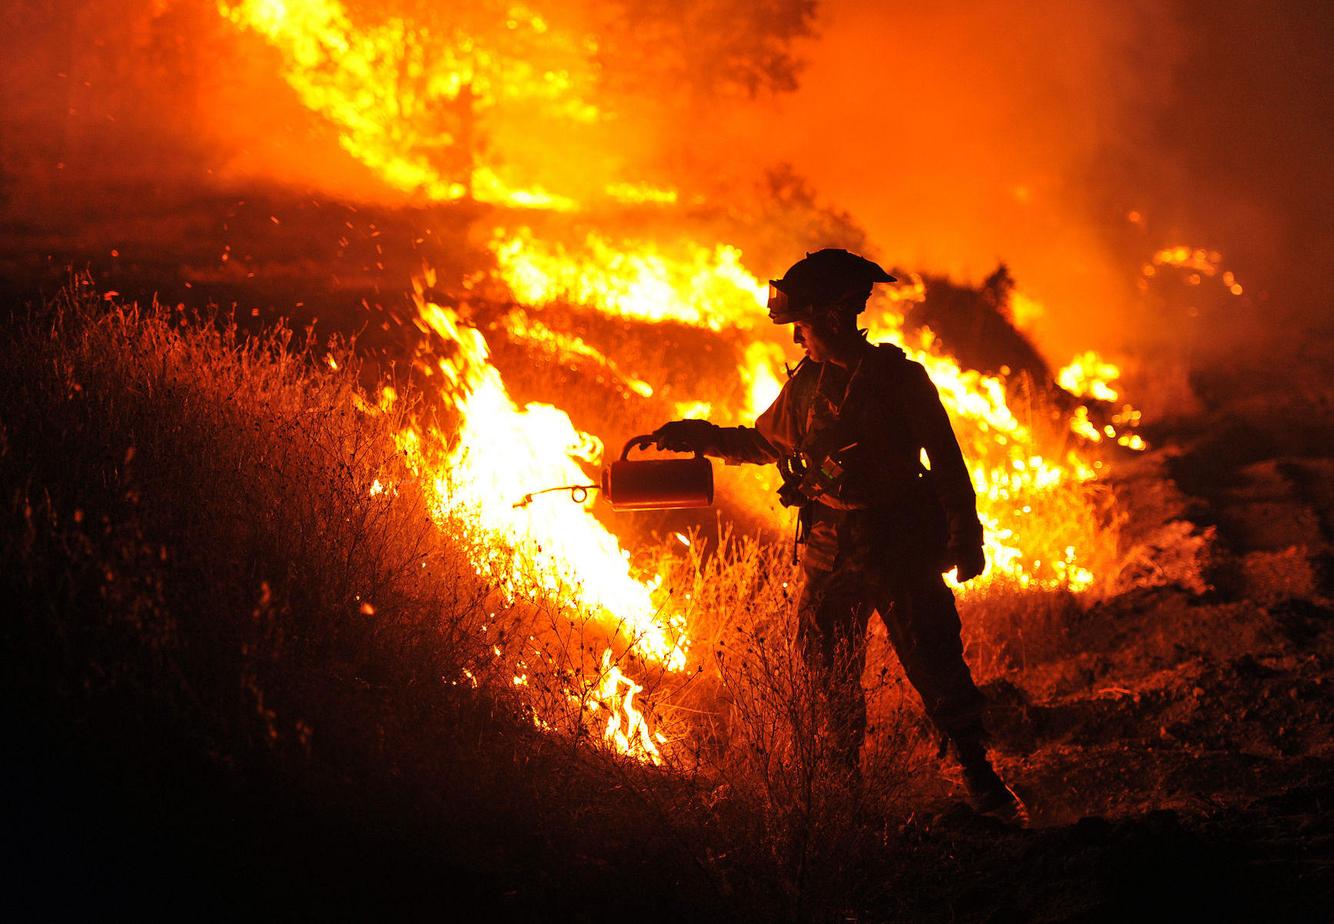 A firefighter lights a backburn